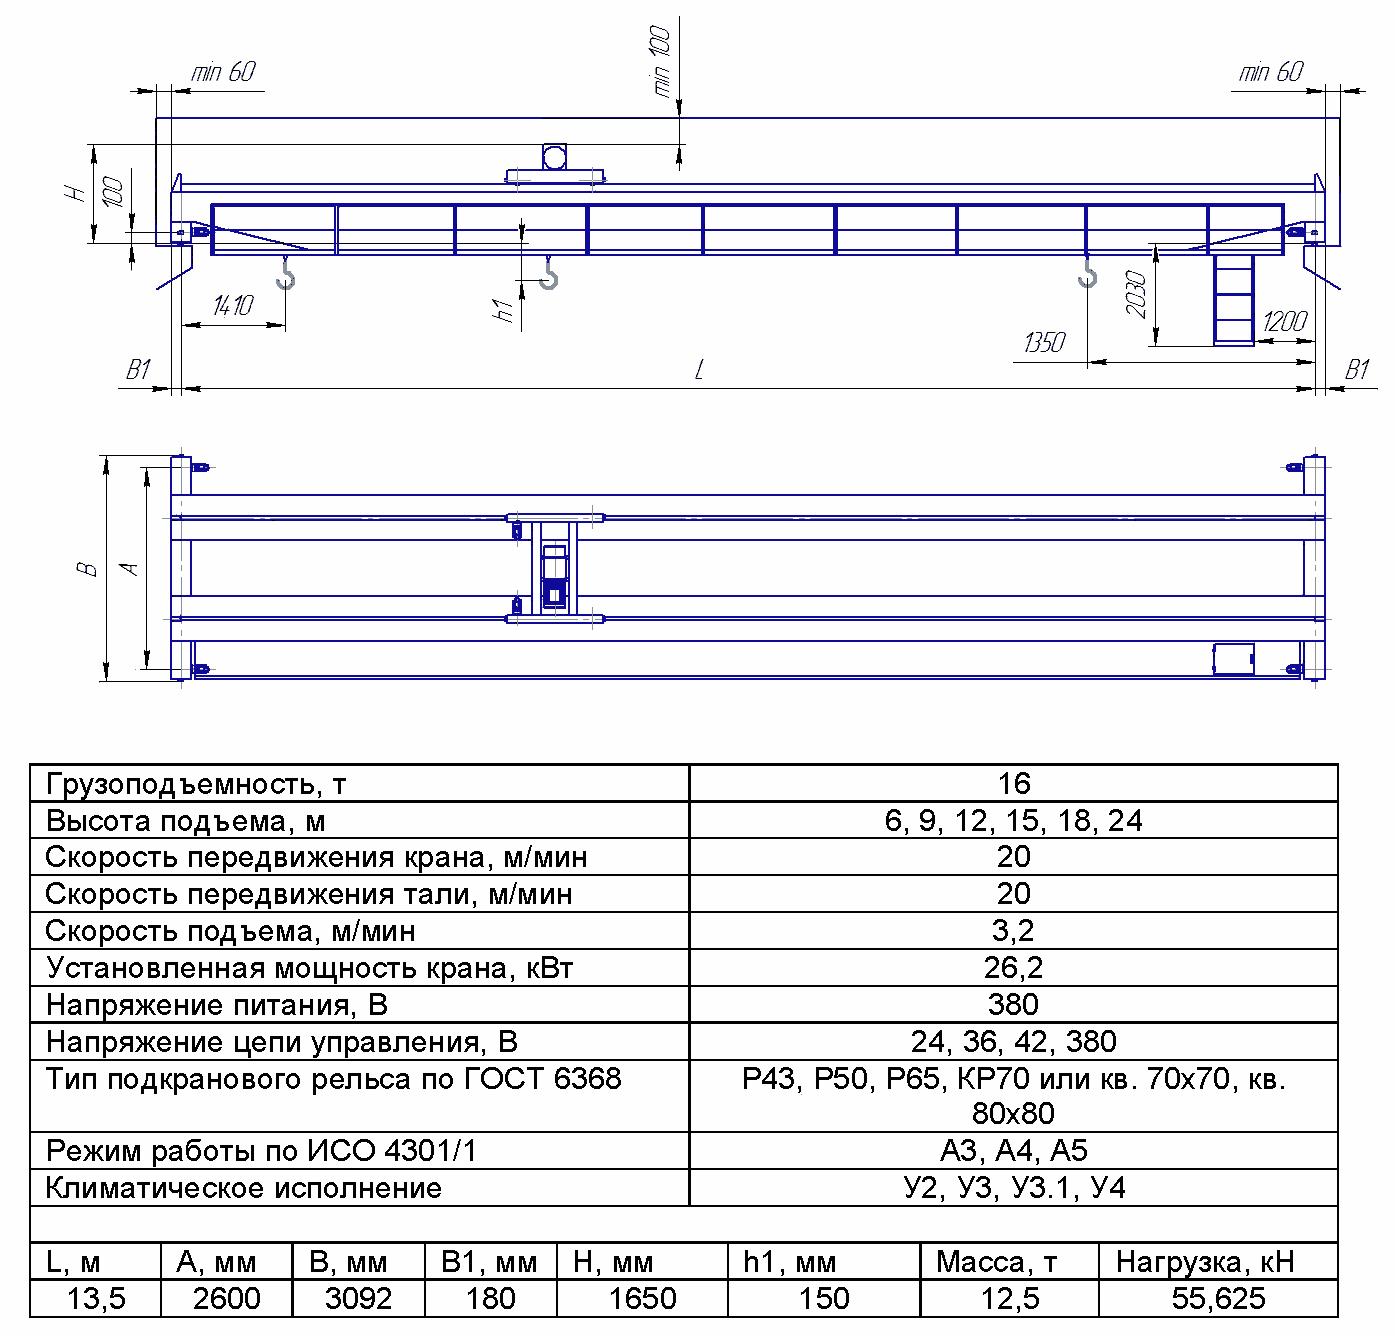 KMON 4 2 - Опорный мостовой кран общего назначения